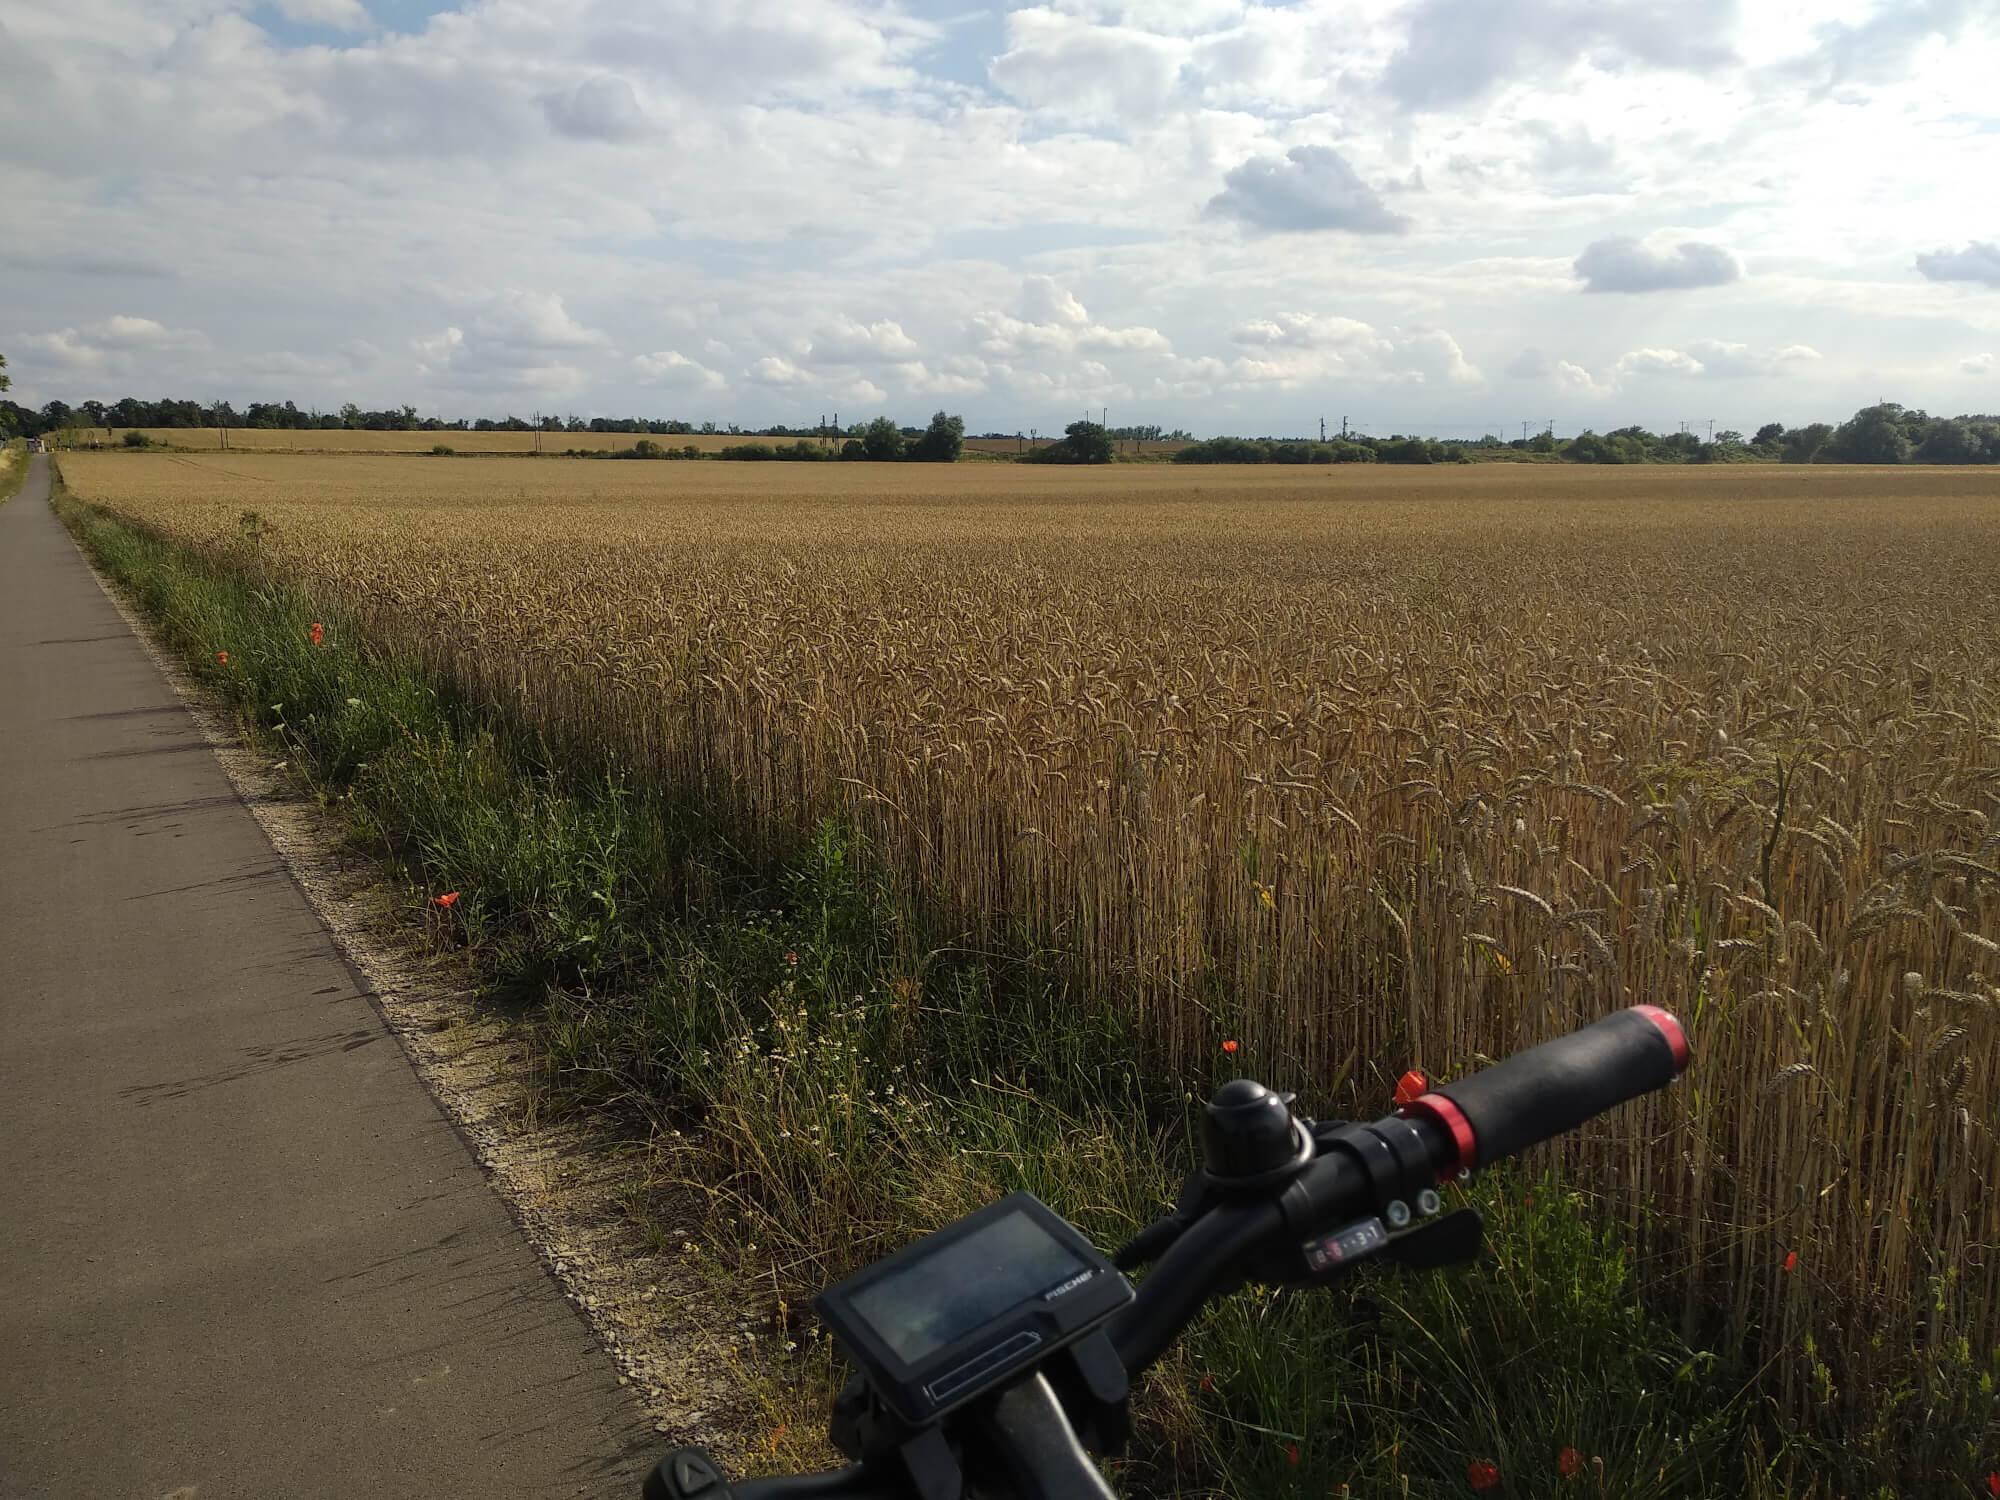 Im Vordergrund mein Fahrradlenker, dahinter ein Feld